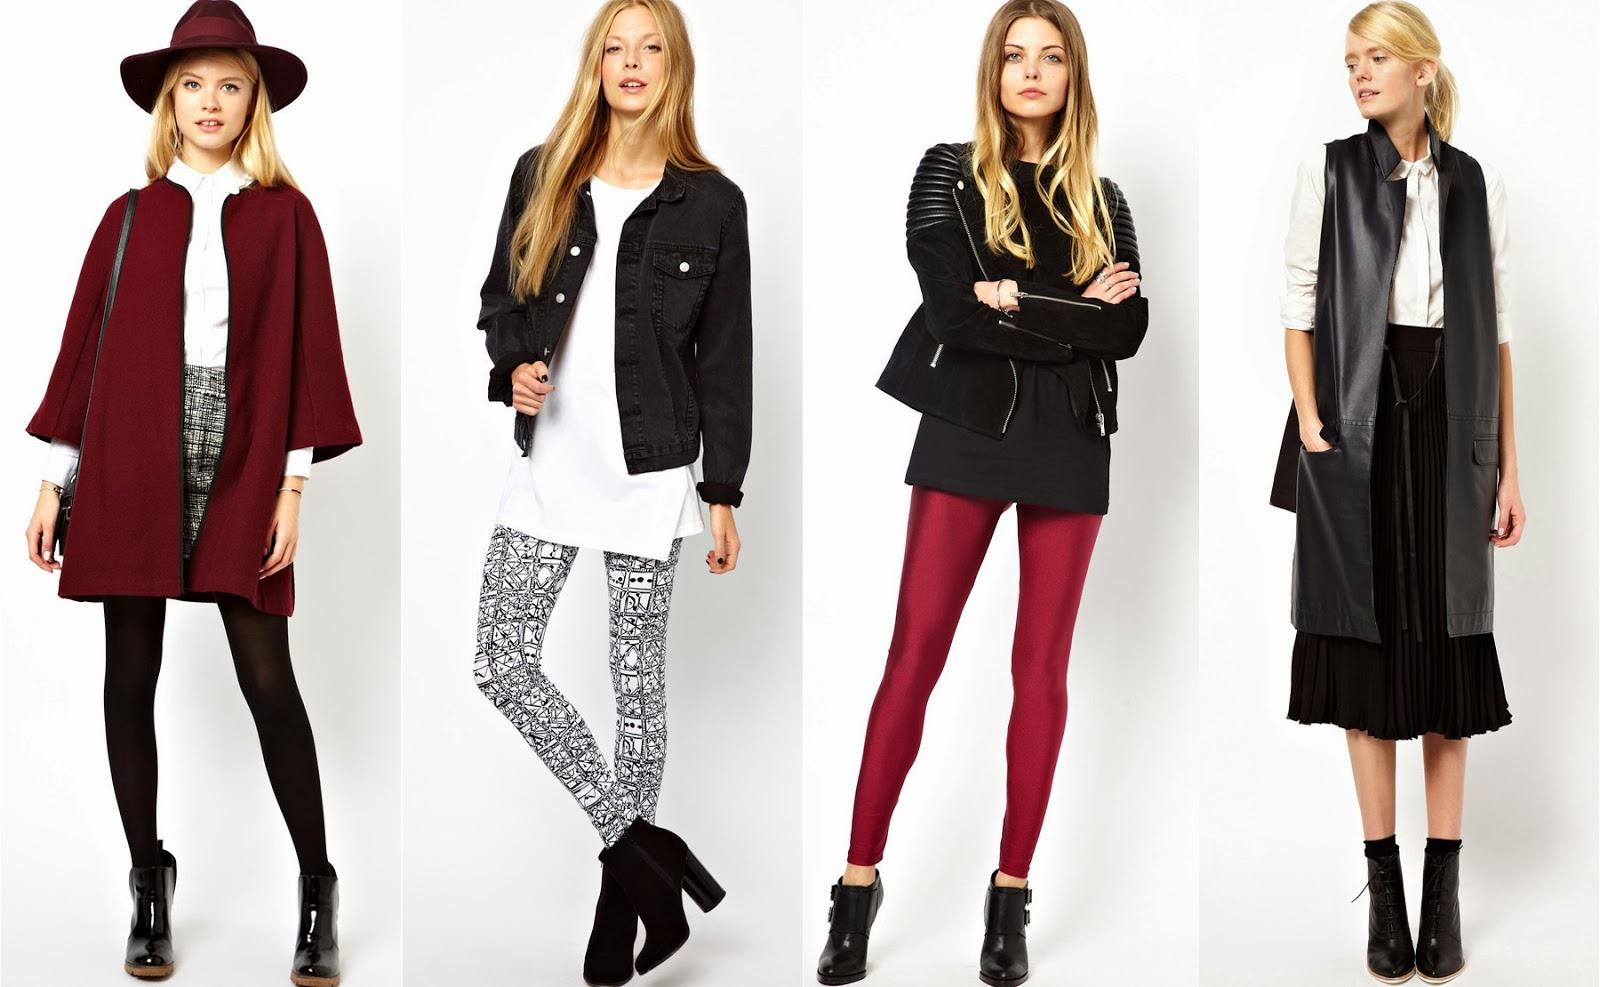 Как одеваться модно и со вкусом: простые советы и решения от магазина «Глазурь»